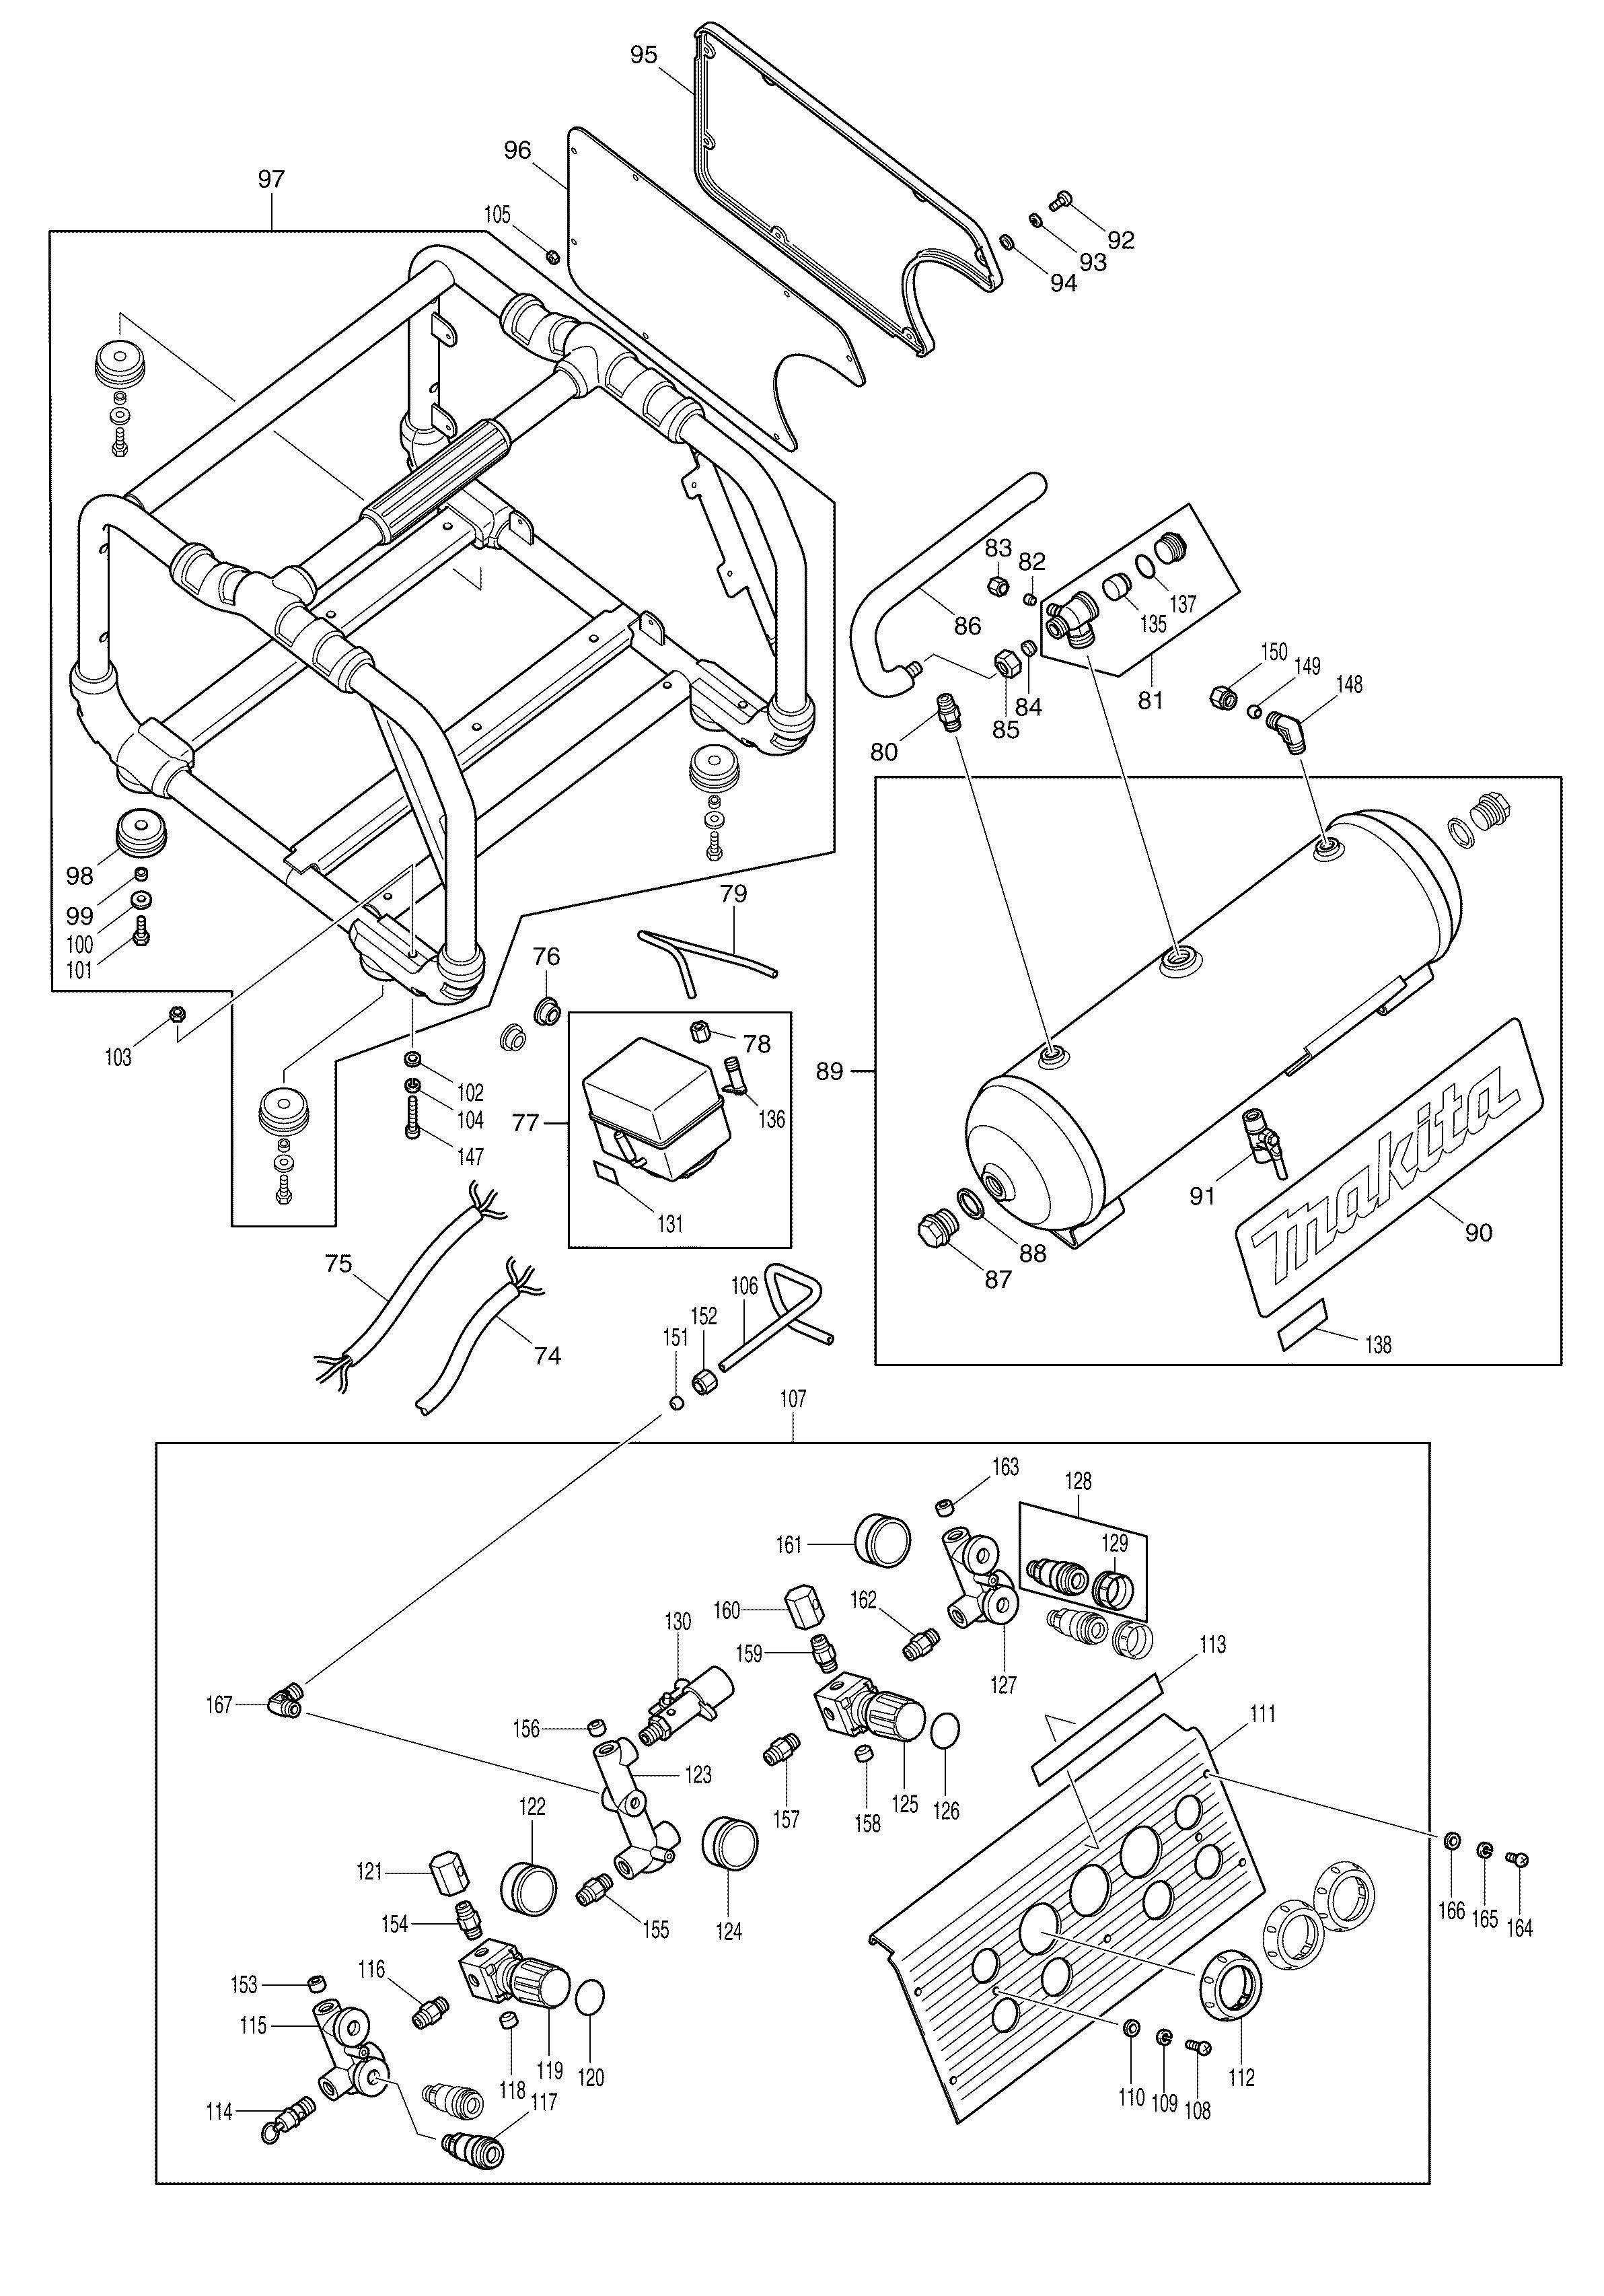 Spares For Makita Ac310h Air Compressor Spare Ac310h From Power Tool Centre